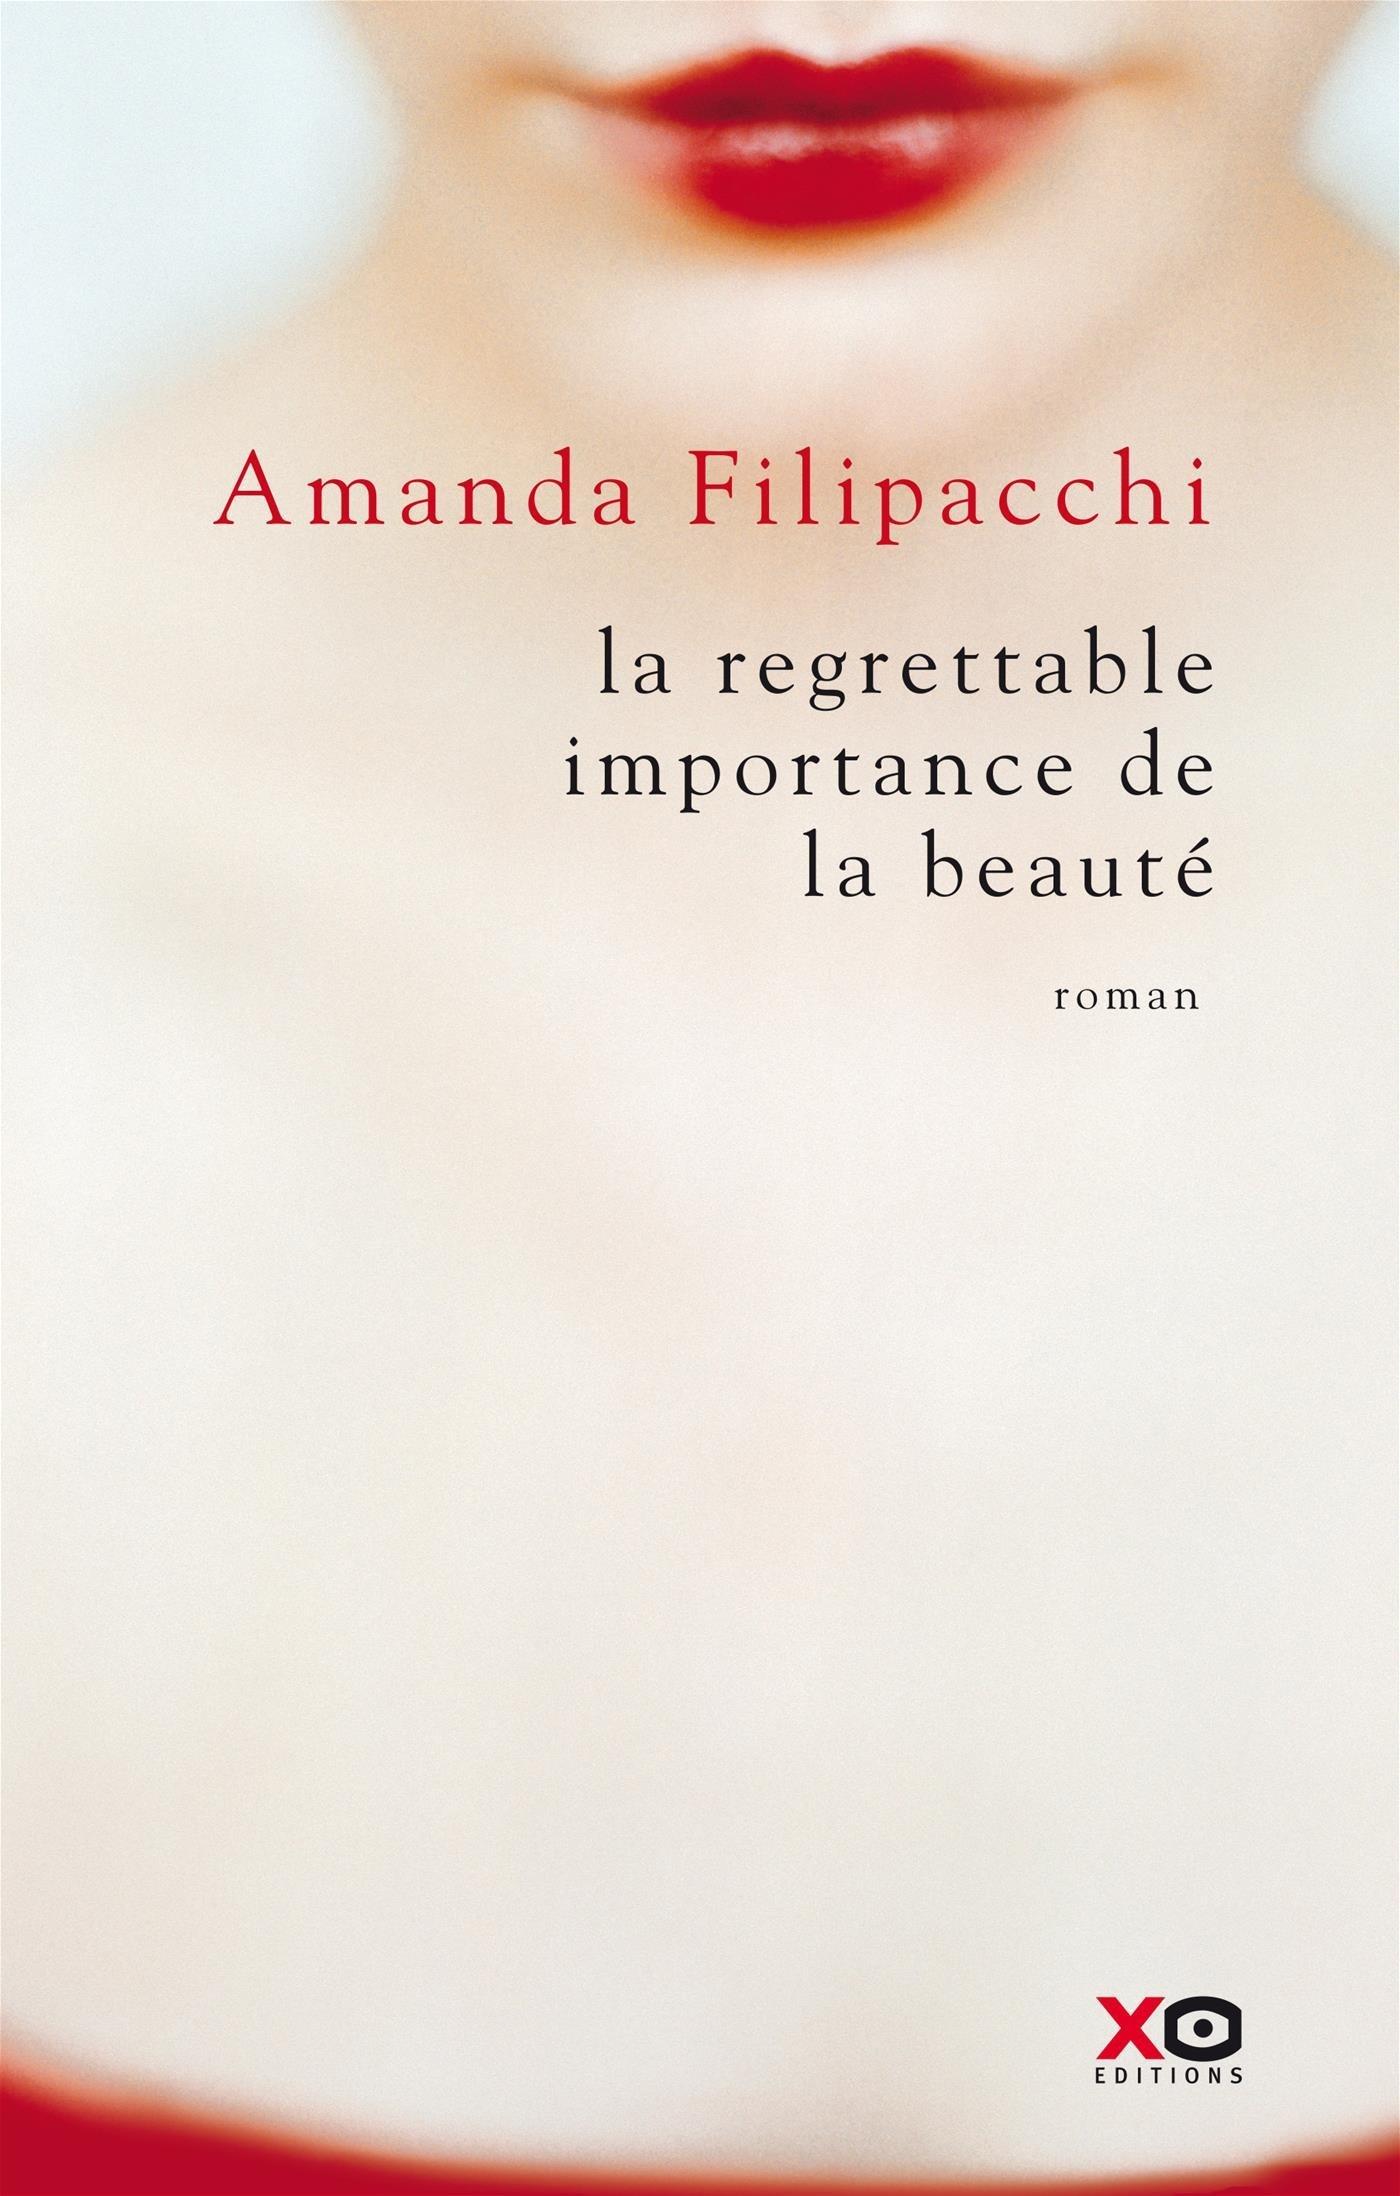 la regrettable importance de la beauté  by  Amanda Filipacchi